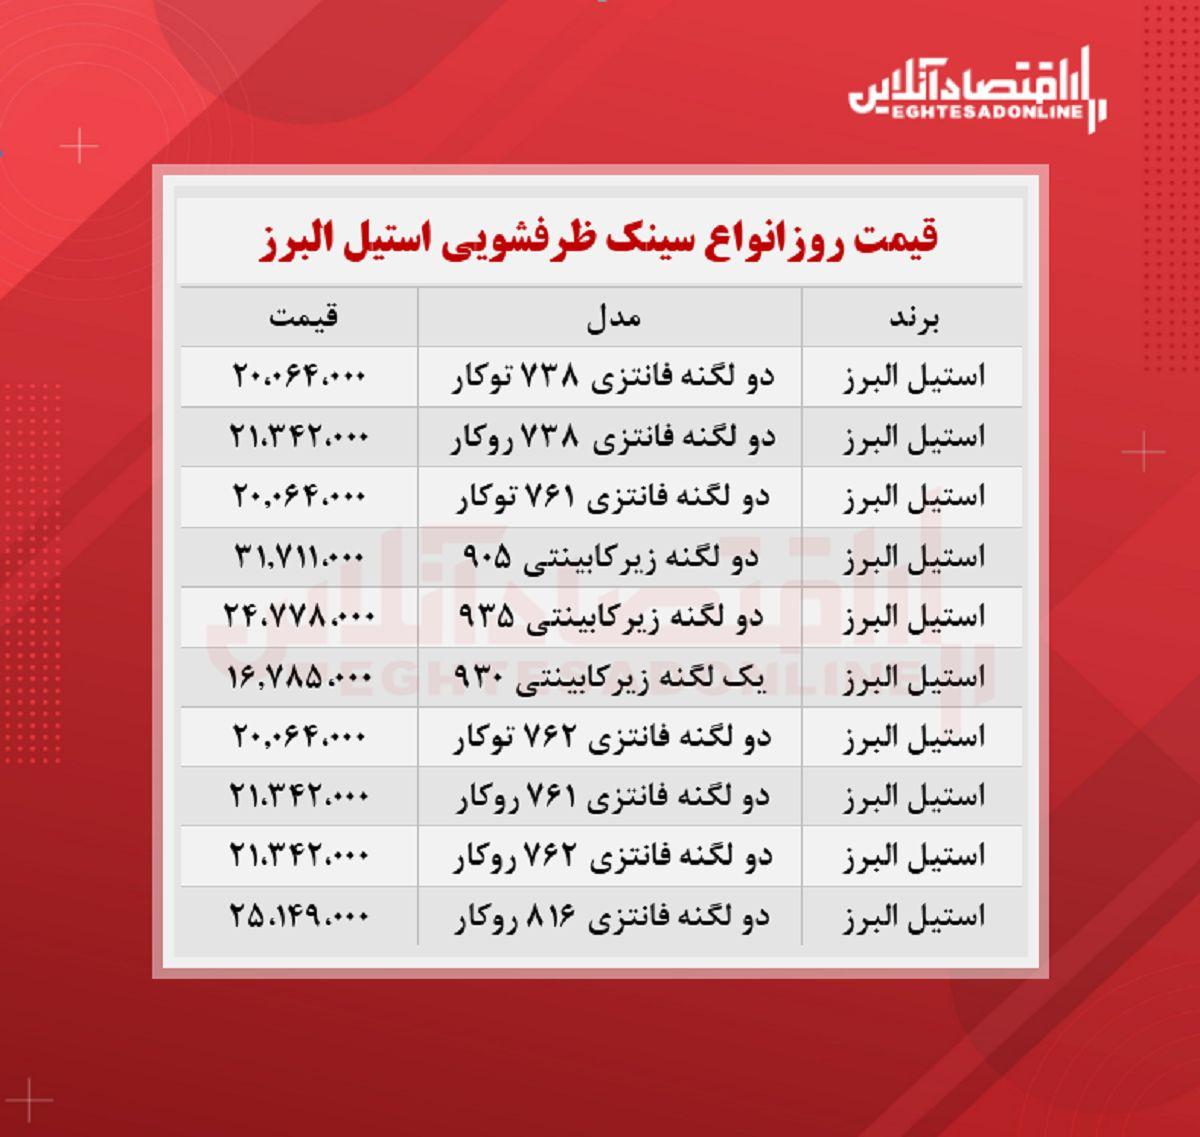 قیمت روز سینک ظرفشویی استیل البرز  (۱۴۰۰/۶/۲)